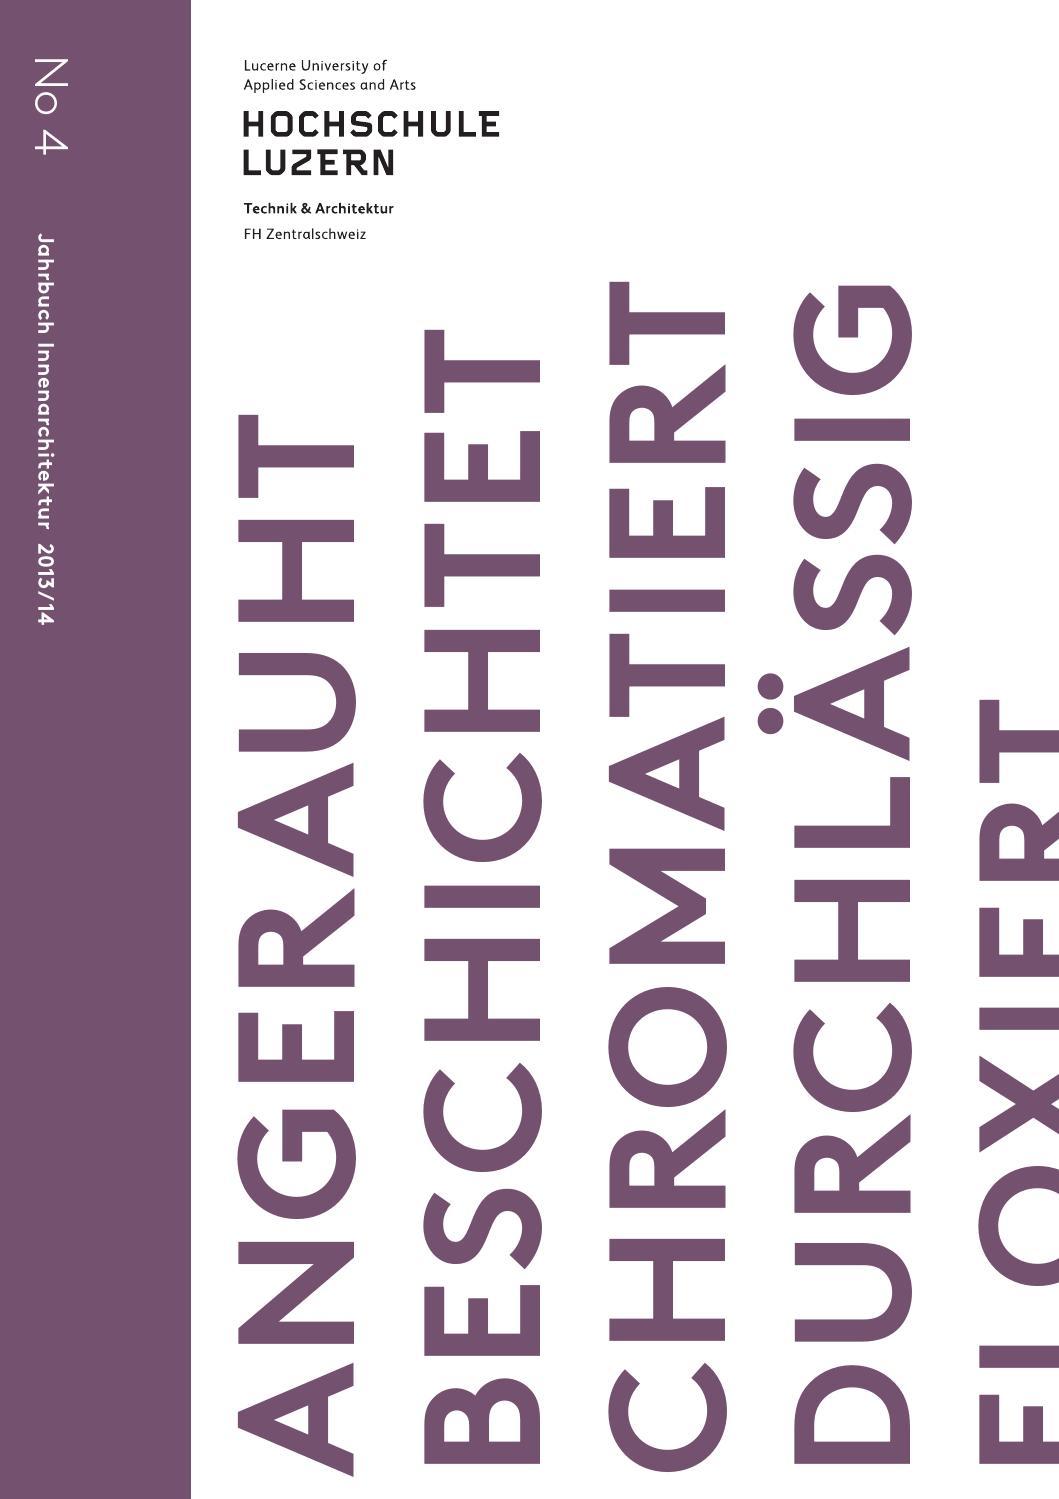 Jahrbuch innenarchitektur 2013 2014 hochschule luzern for Studiengang innenarchitektur